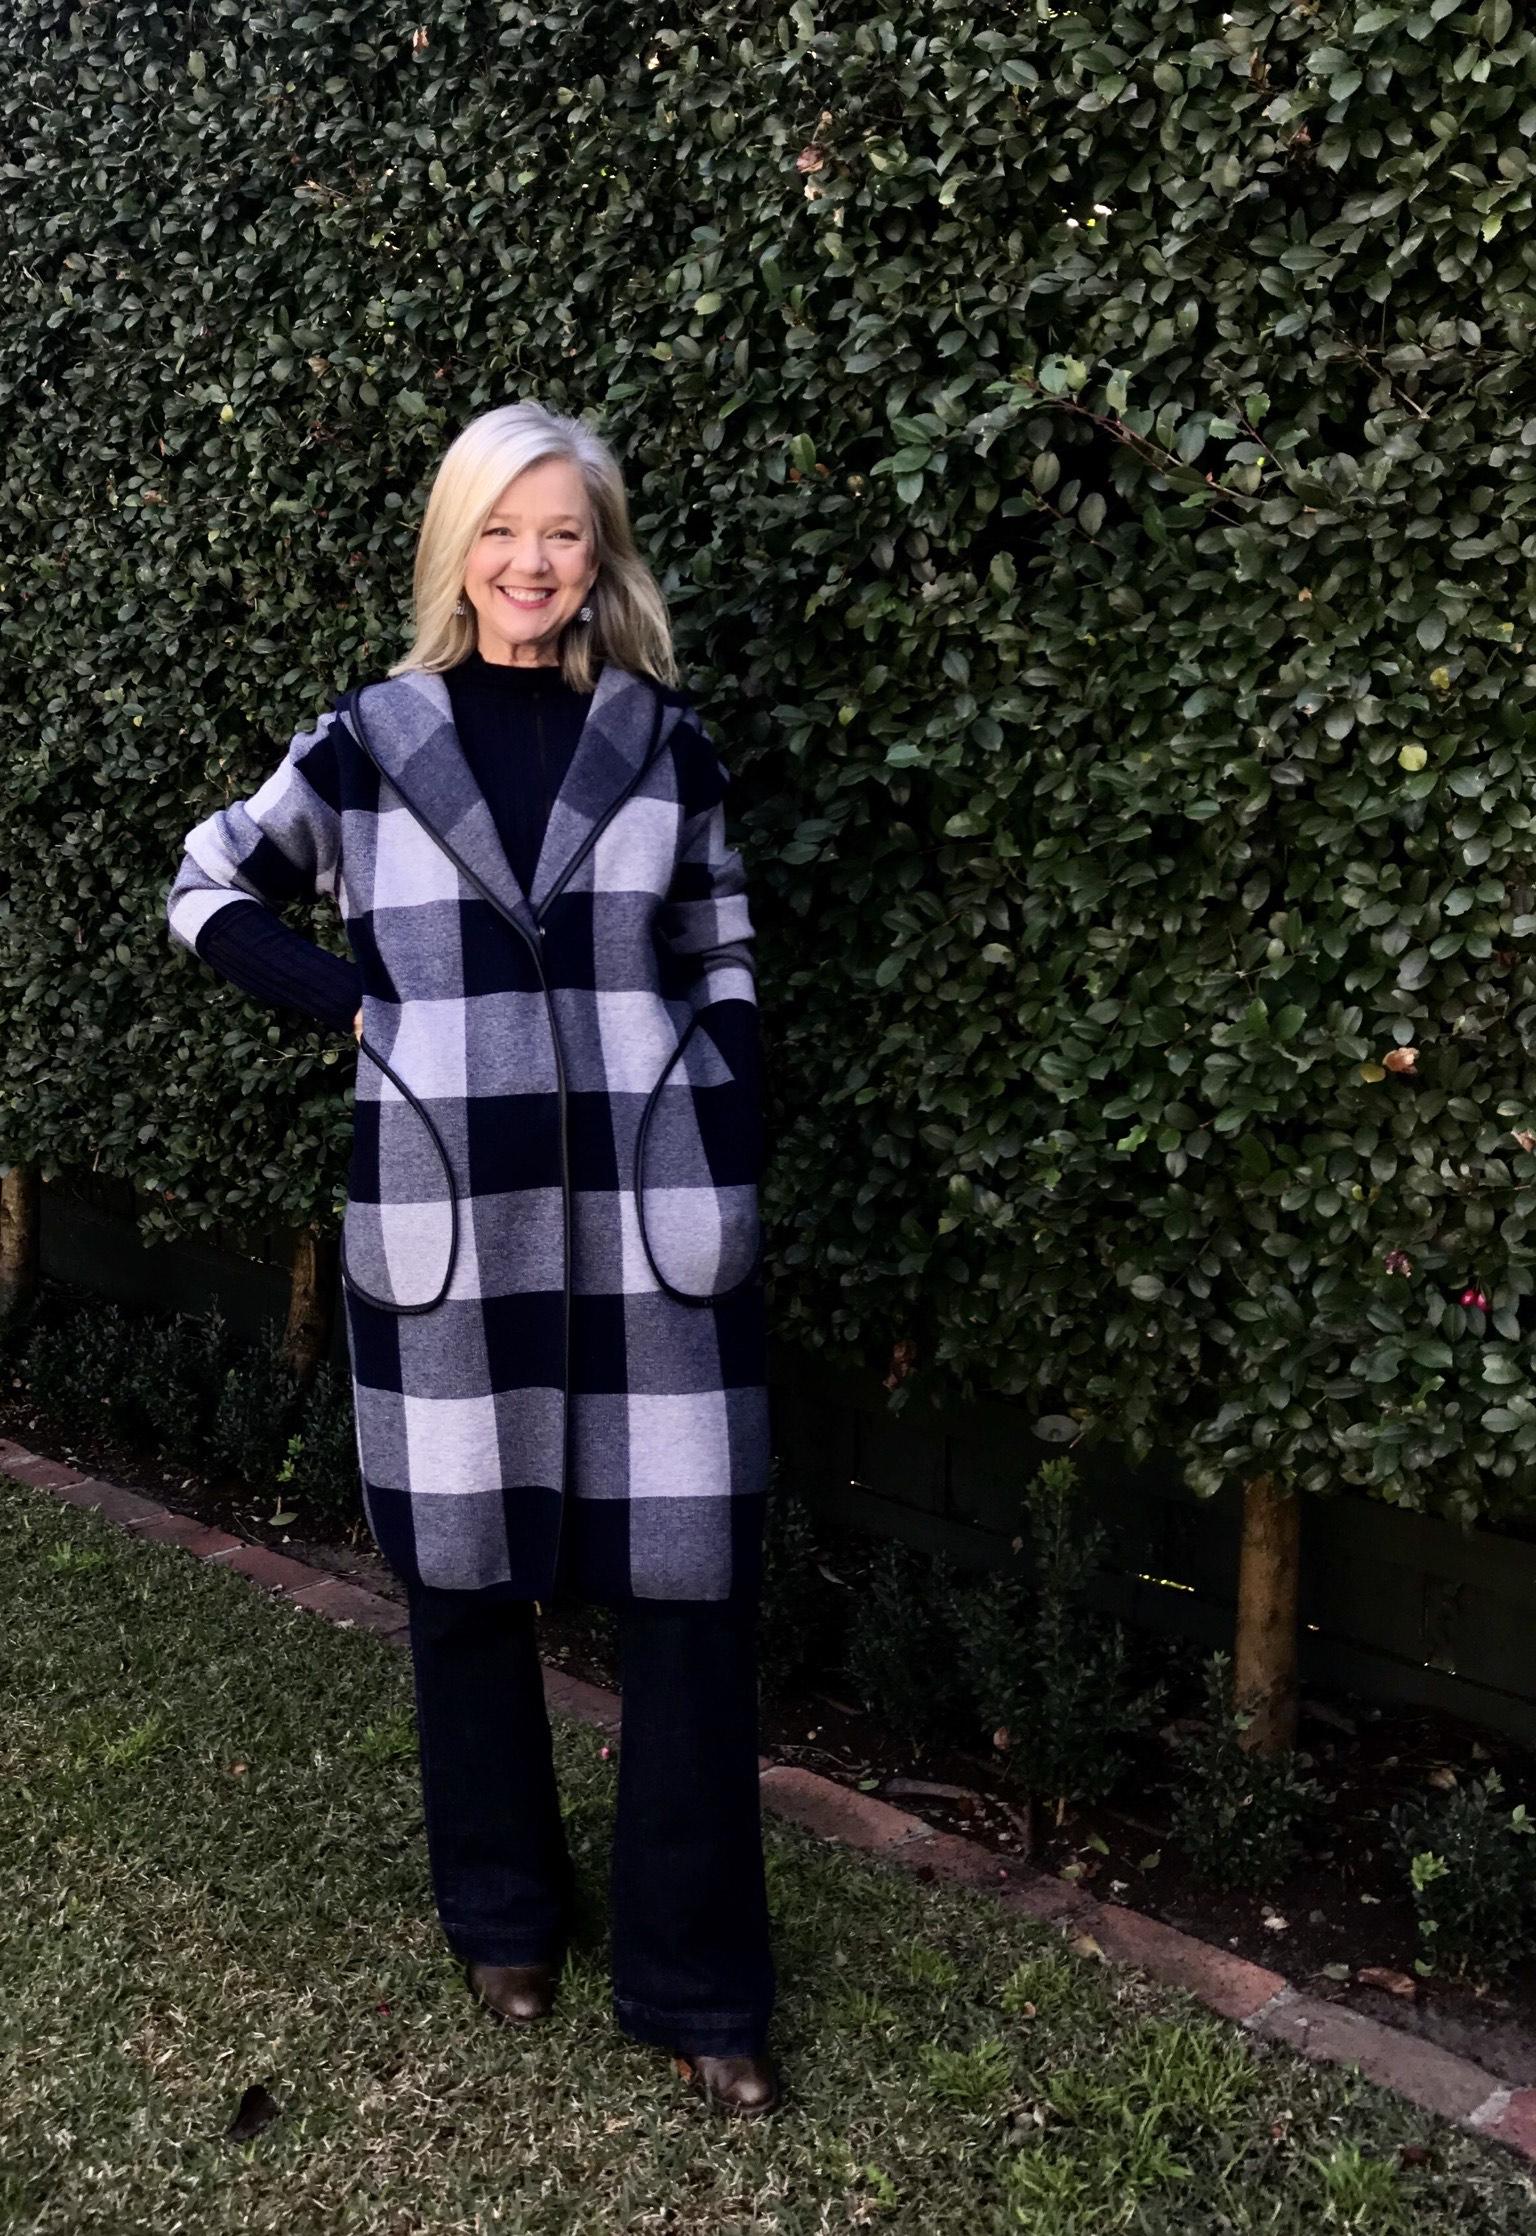 sarah london in plaid coat